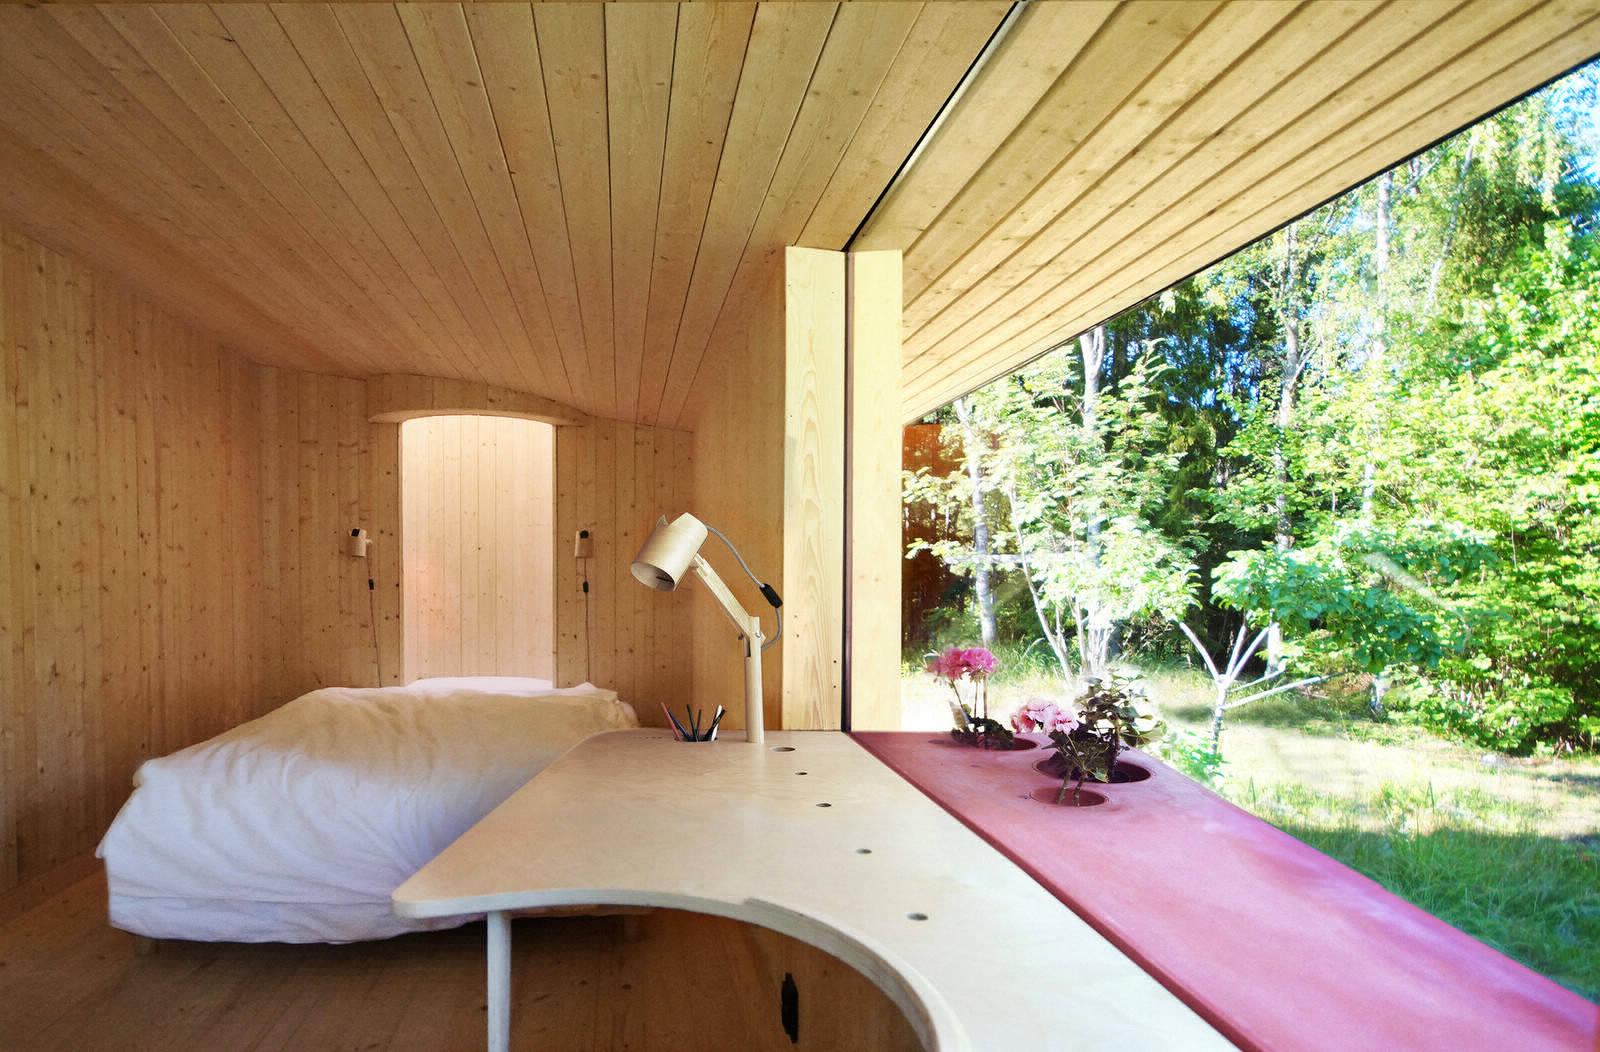 Уютный домик площадью 18 квадратных метров на островке Стокгольмского архипелага